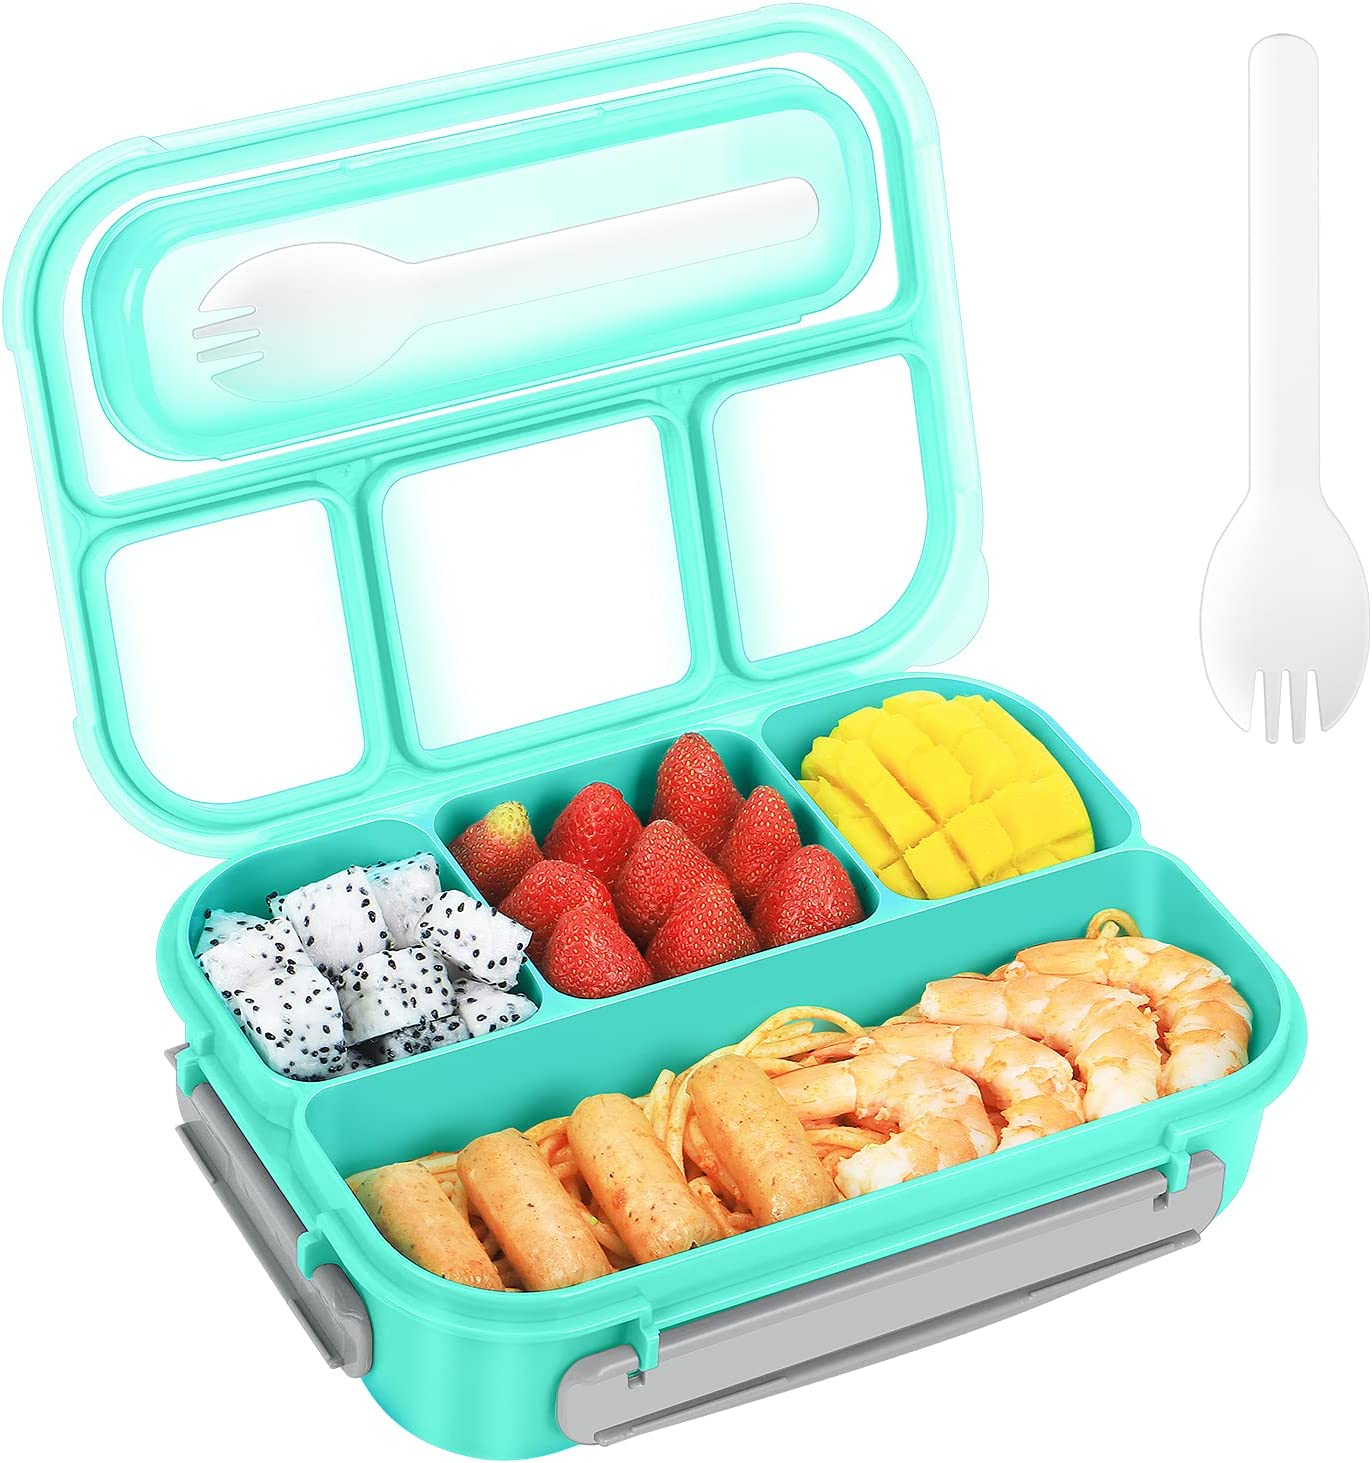 Fiambreras Bento,Caja de Bento Para Adultos y Niños,Fiambrera de Plástico Y caja de Almacenamiento de Alimentos,Bento de 4 Formatos-1300ML(verde)